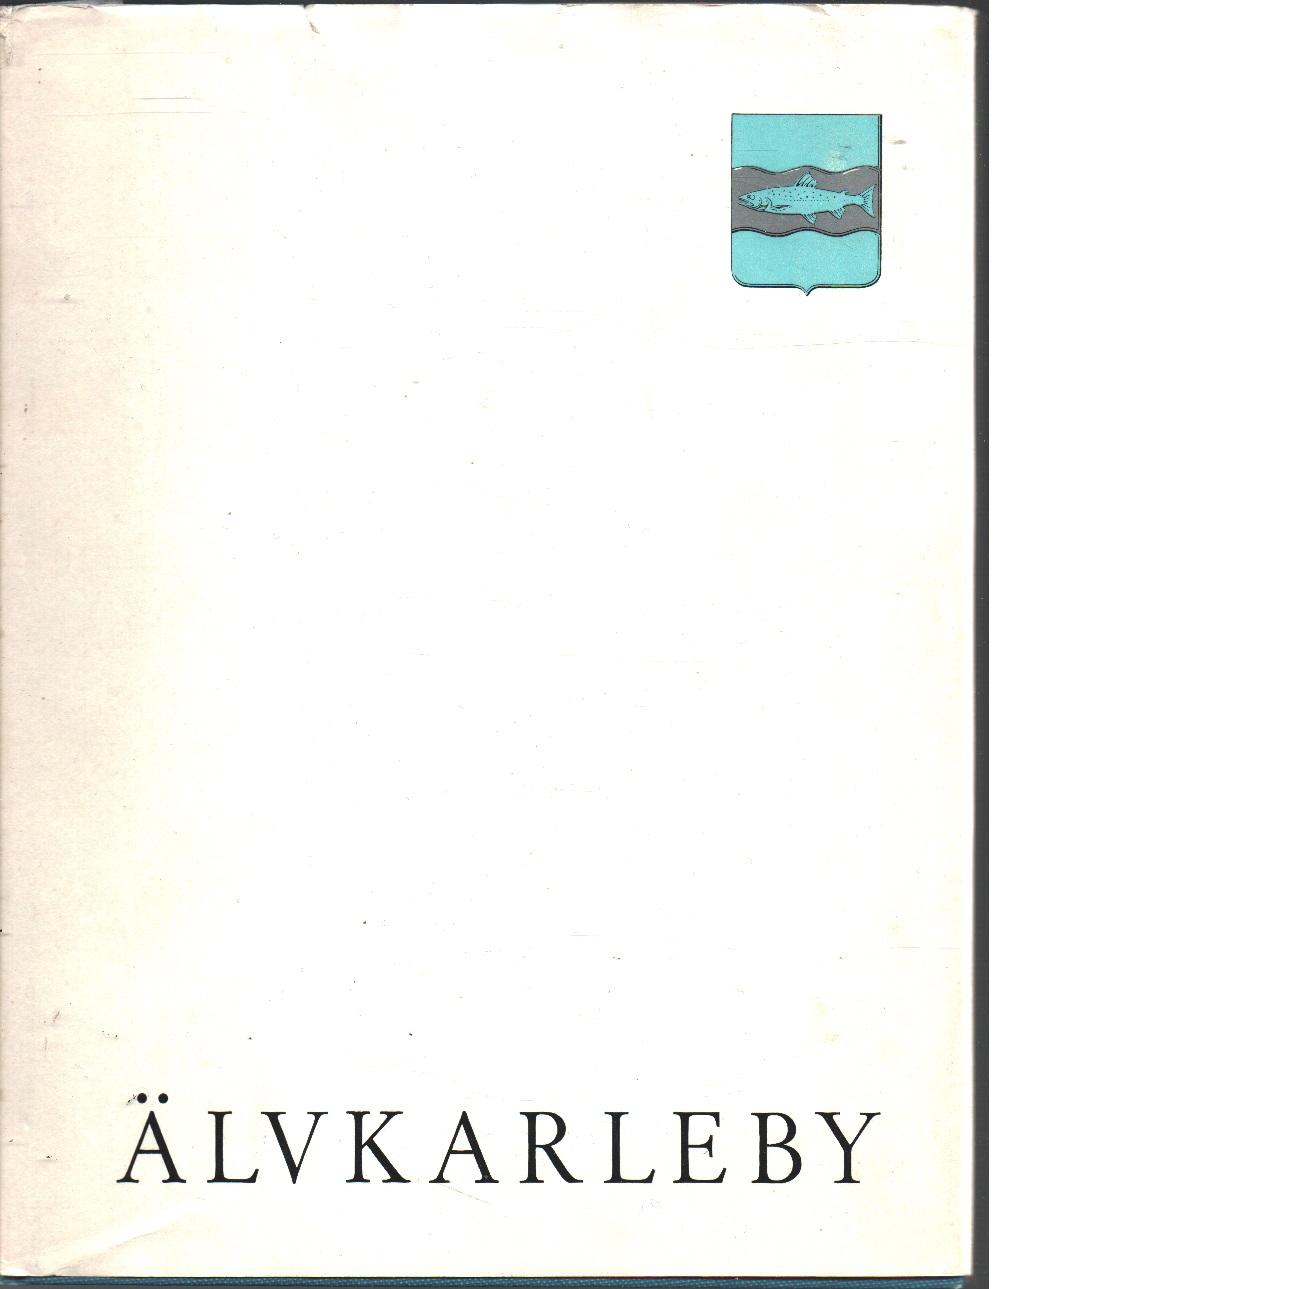 Älvkarleby - Sandén, A.N.